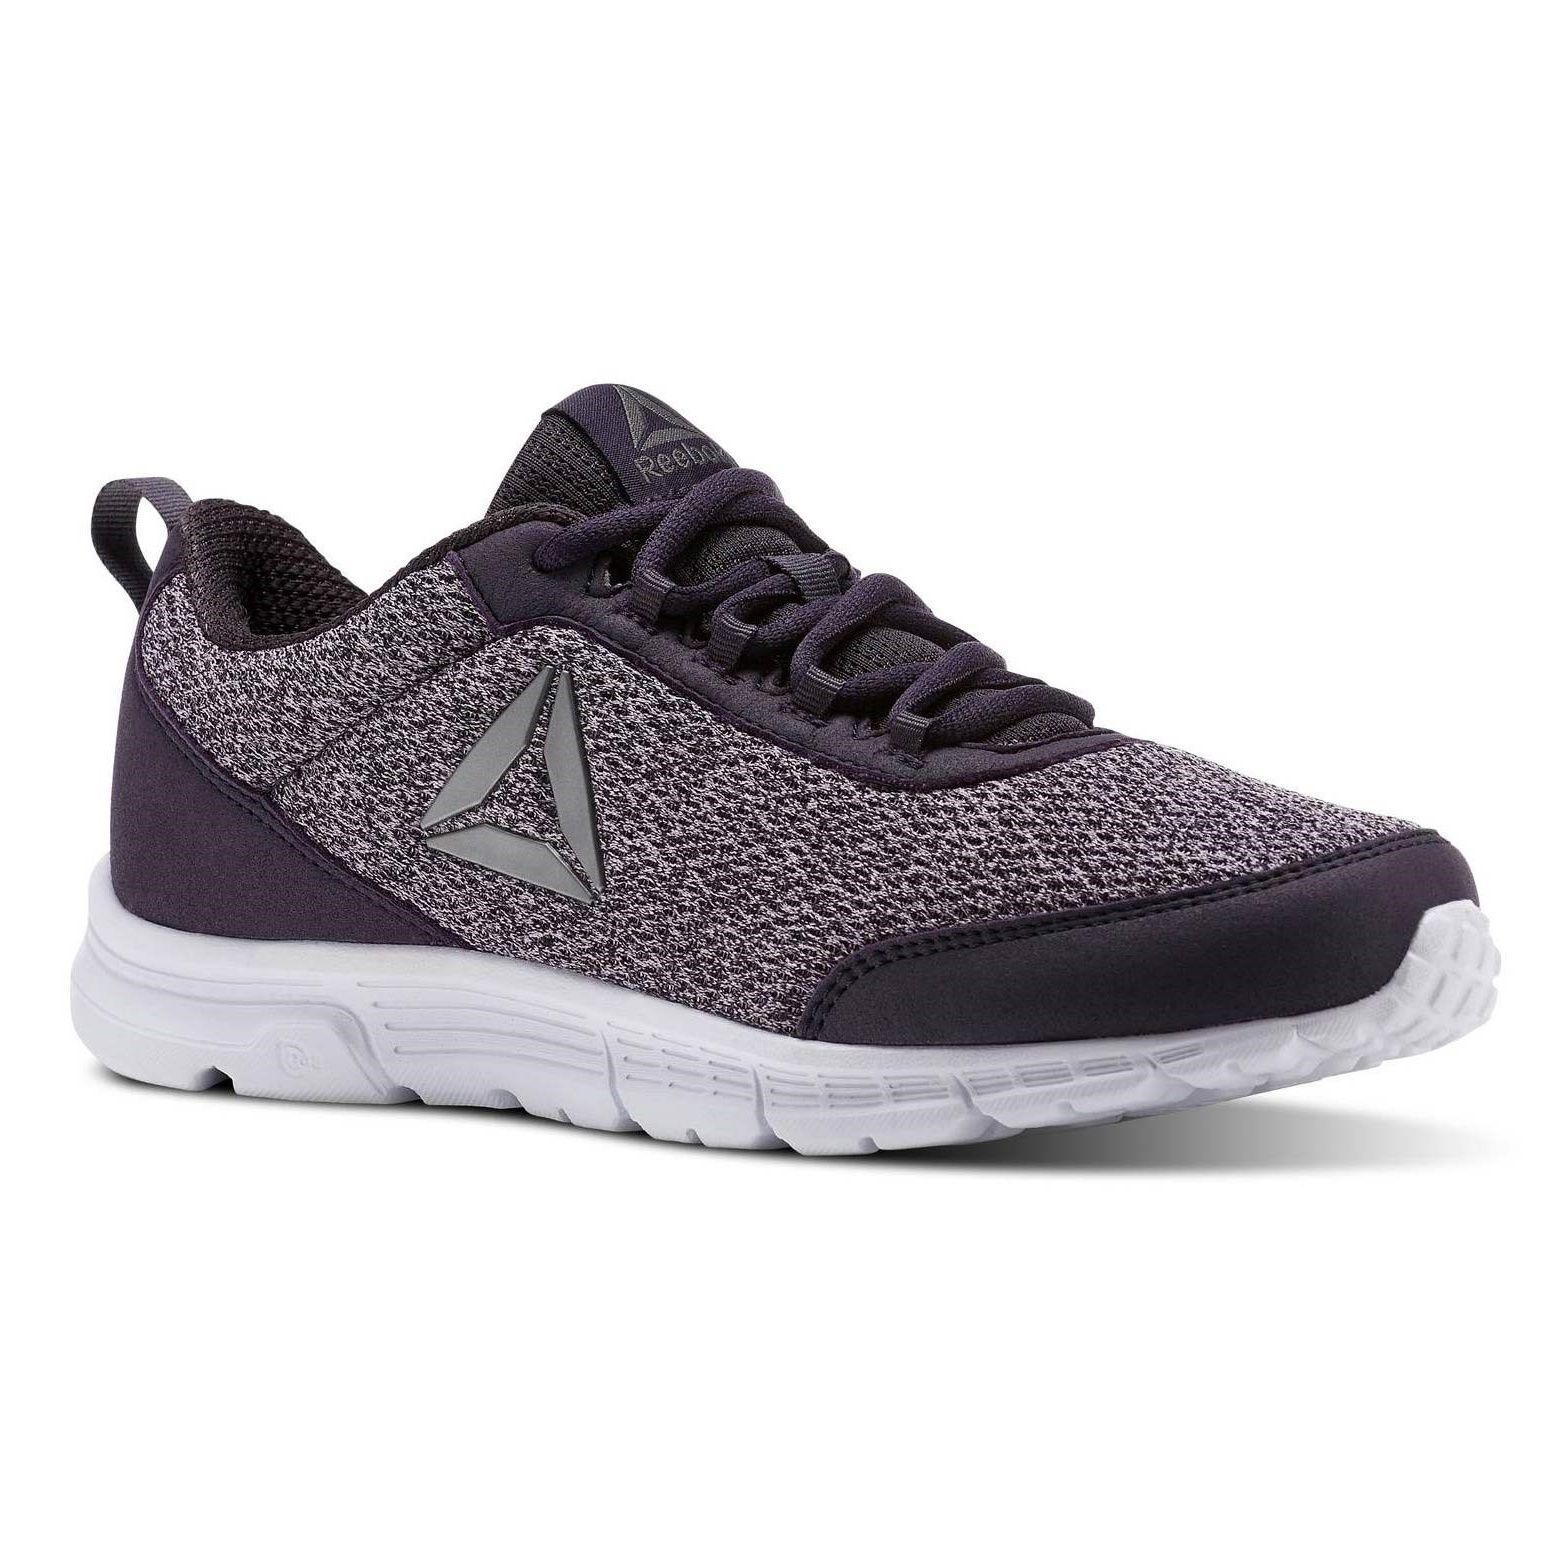 کفش مخصوص دویدن زنانه ریباک مدل Speedlux 3-0 - طوسي - 6